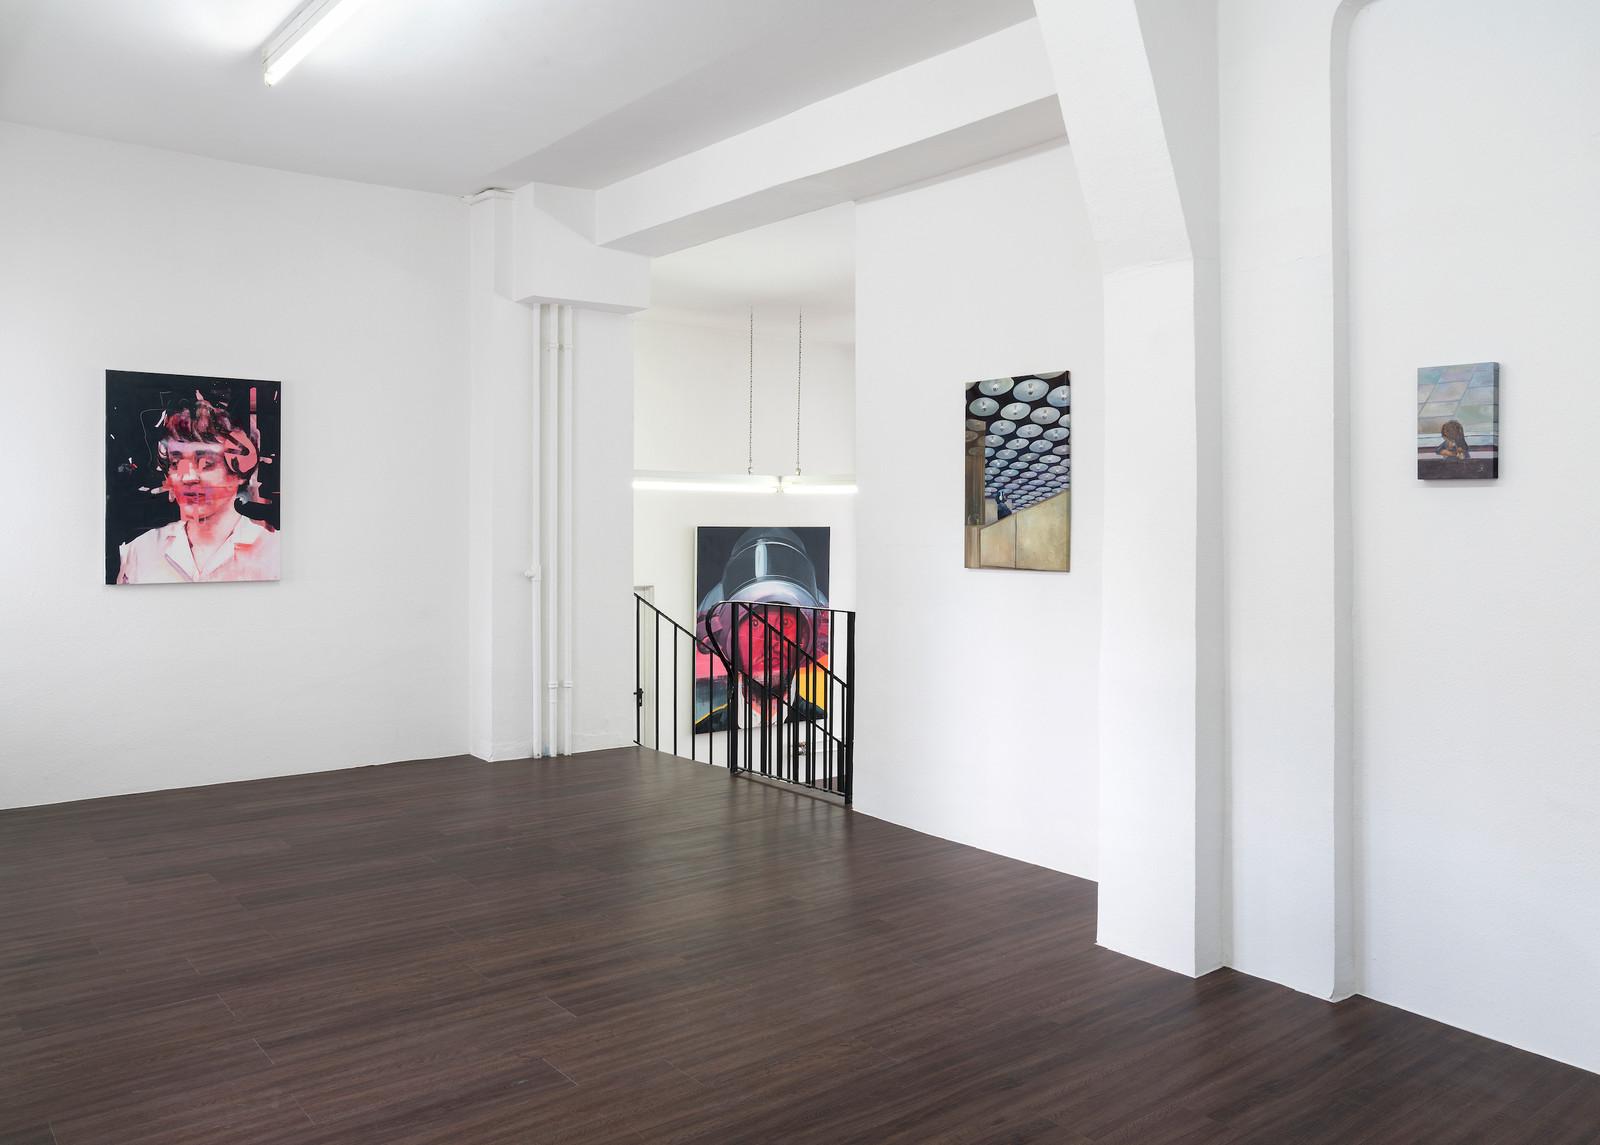 """Ausstellungsansicht """"Eyes wide open"""" in der Kunsthalle Ludwig, Frankfurt: Timo von Eicken waitress 2017 Acryl auf Leinwand 100 x 80 cm und kleine Bilder von Felix Eckardt"""